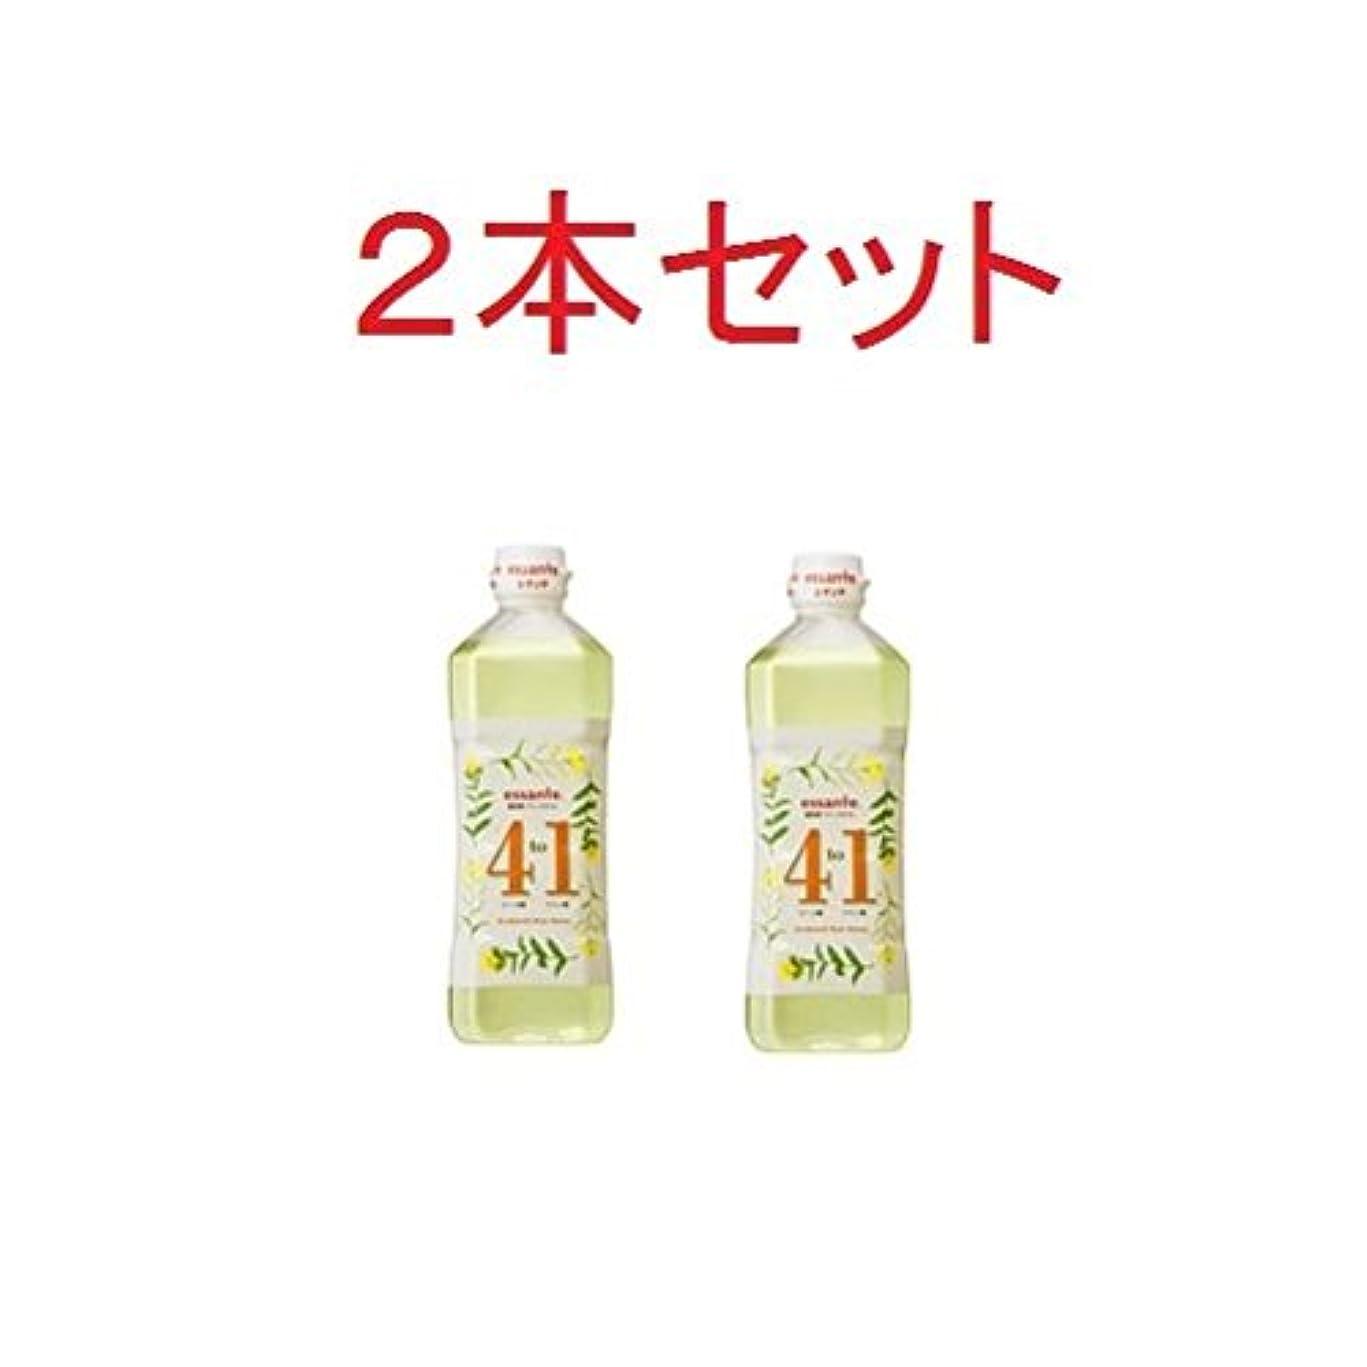 ホスト遠近法つかの間2本セット アムウェイ エサンテ 4 to 1 脂肪酸バランスオイル